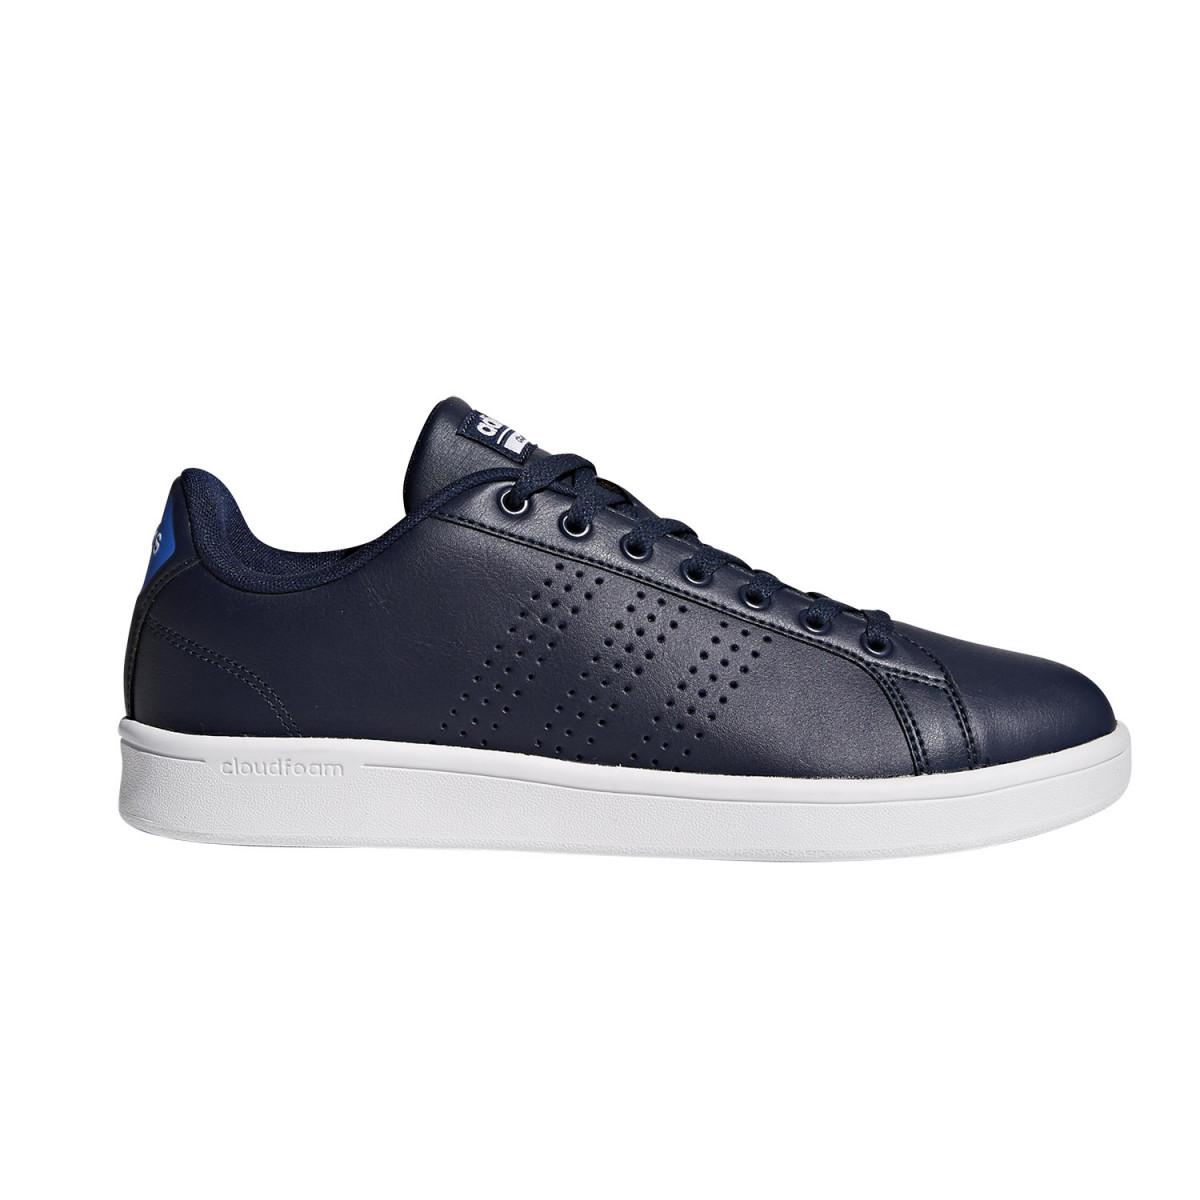 2fe90dd2b1bd0 Zapatillas Adidas Cloudfoam Advantage Clean - Clásicos de Cuero ...